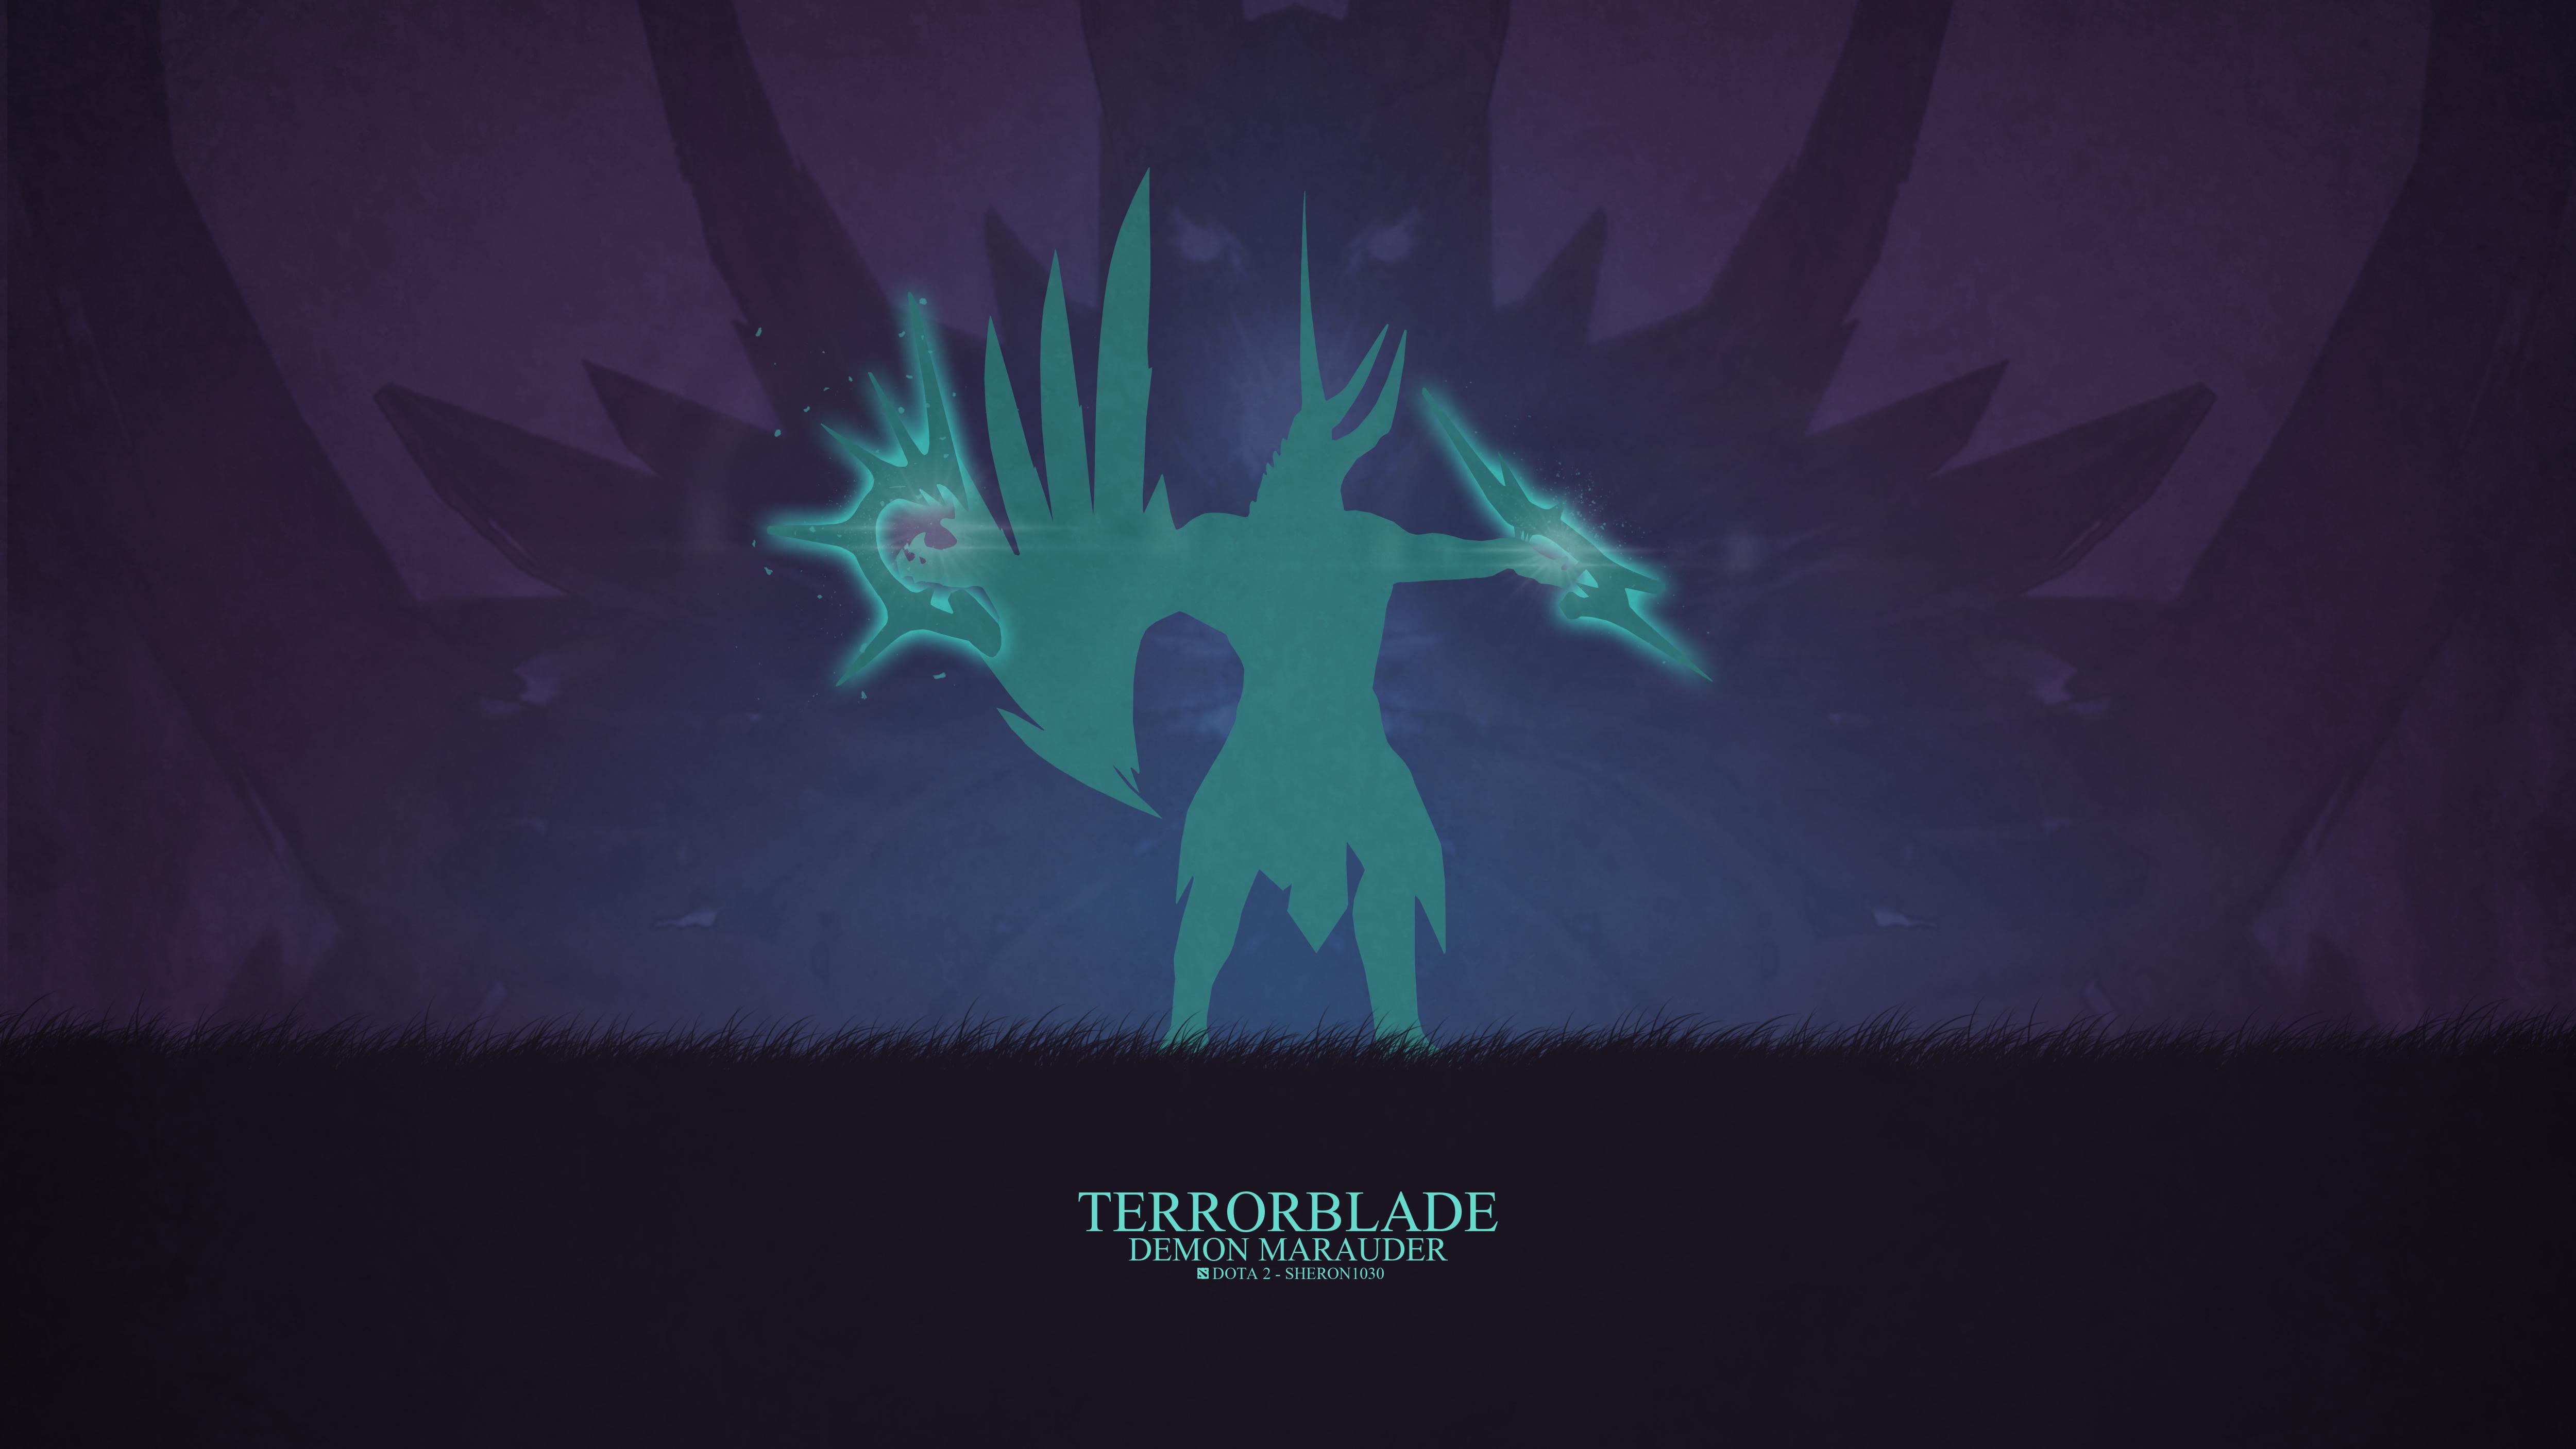 Dota 2 - Terrorblade by sheron1030 on DeviantArt